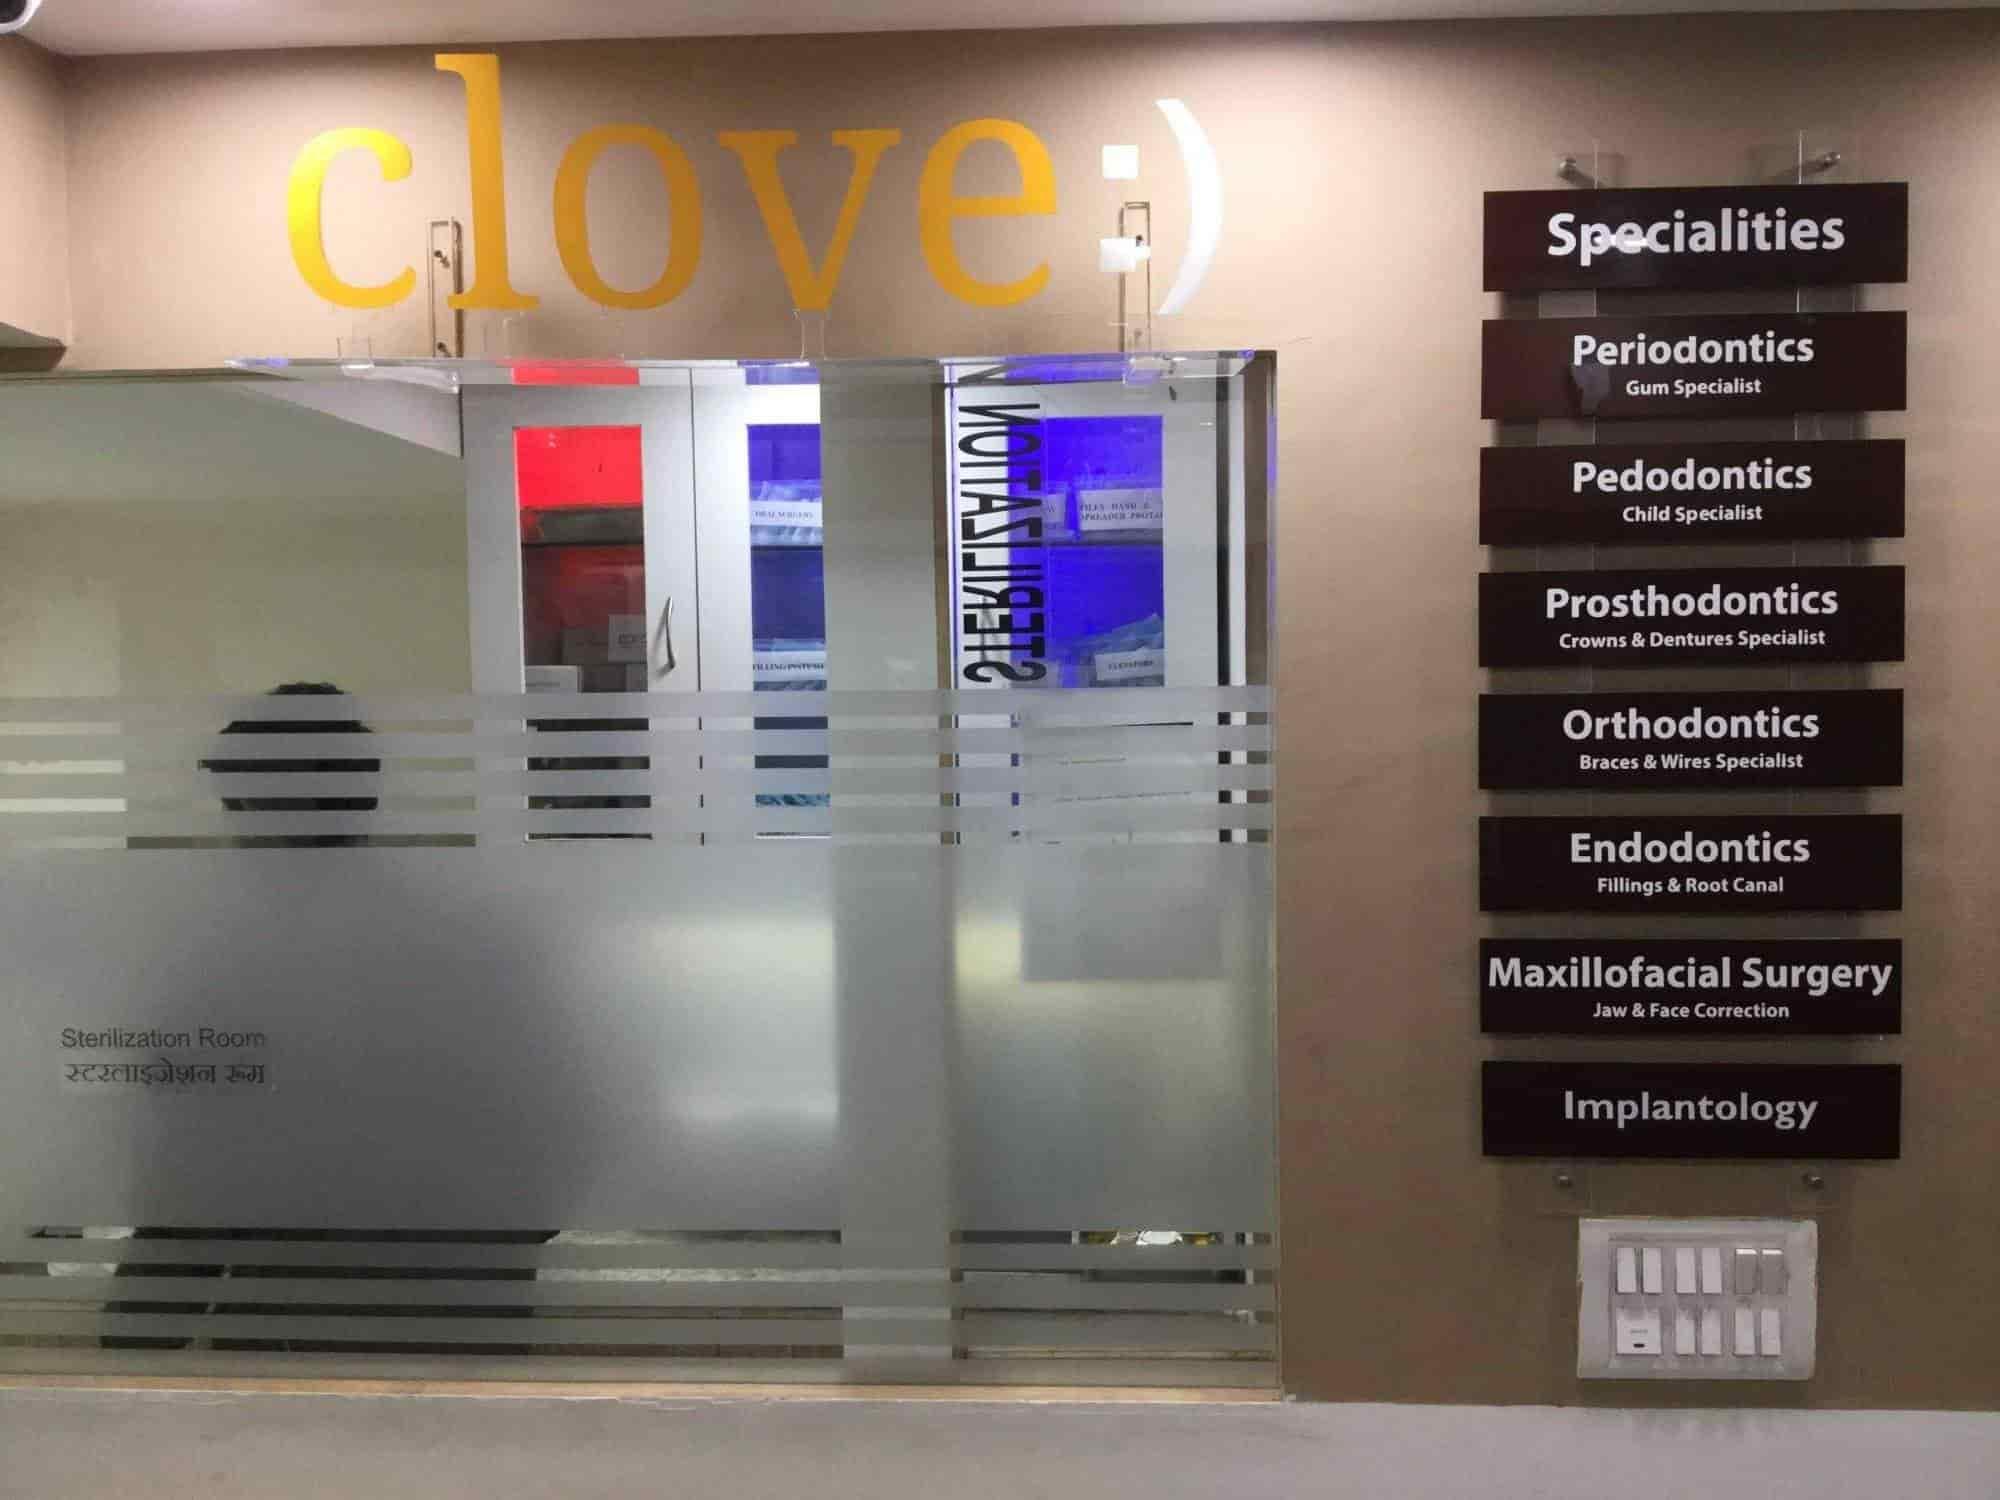 Clove Dental, Alpha 1-Greater - Dentists in Delhi - Justdial